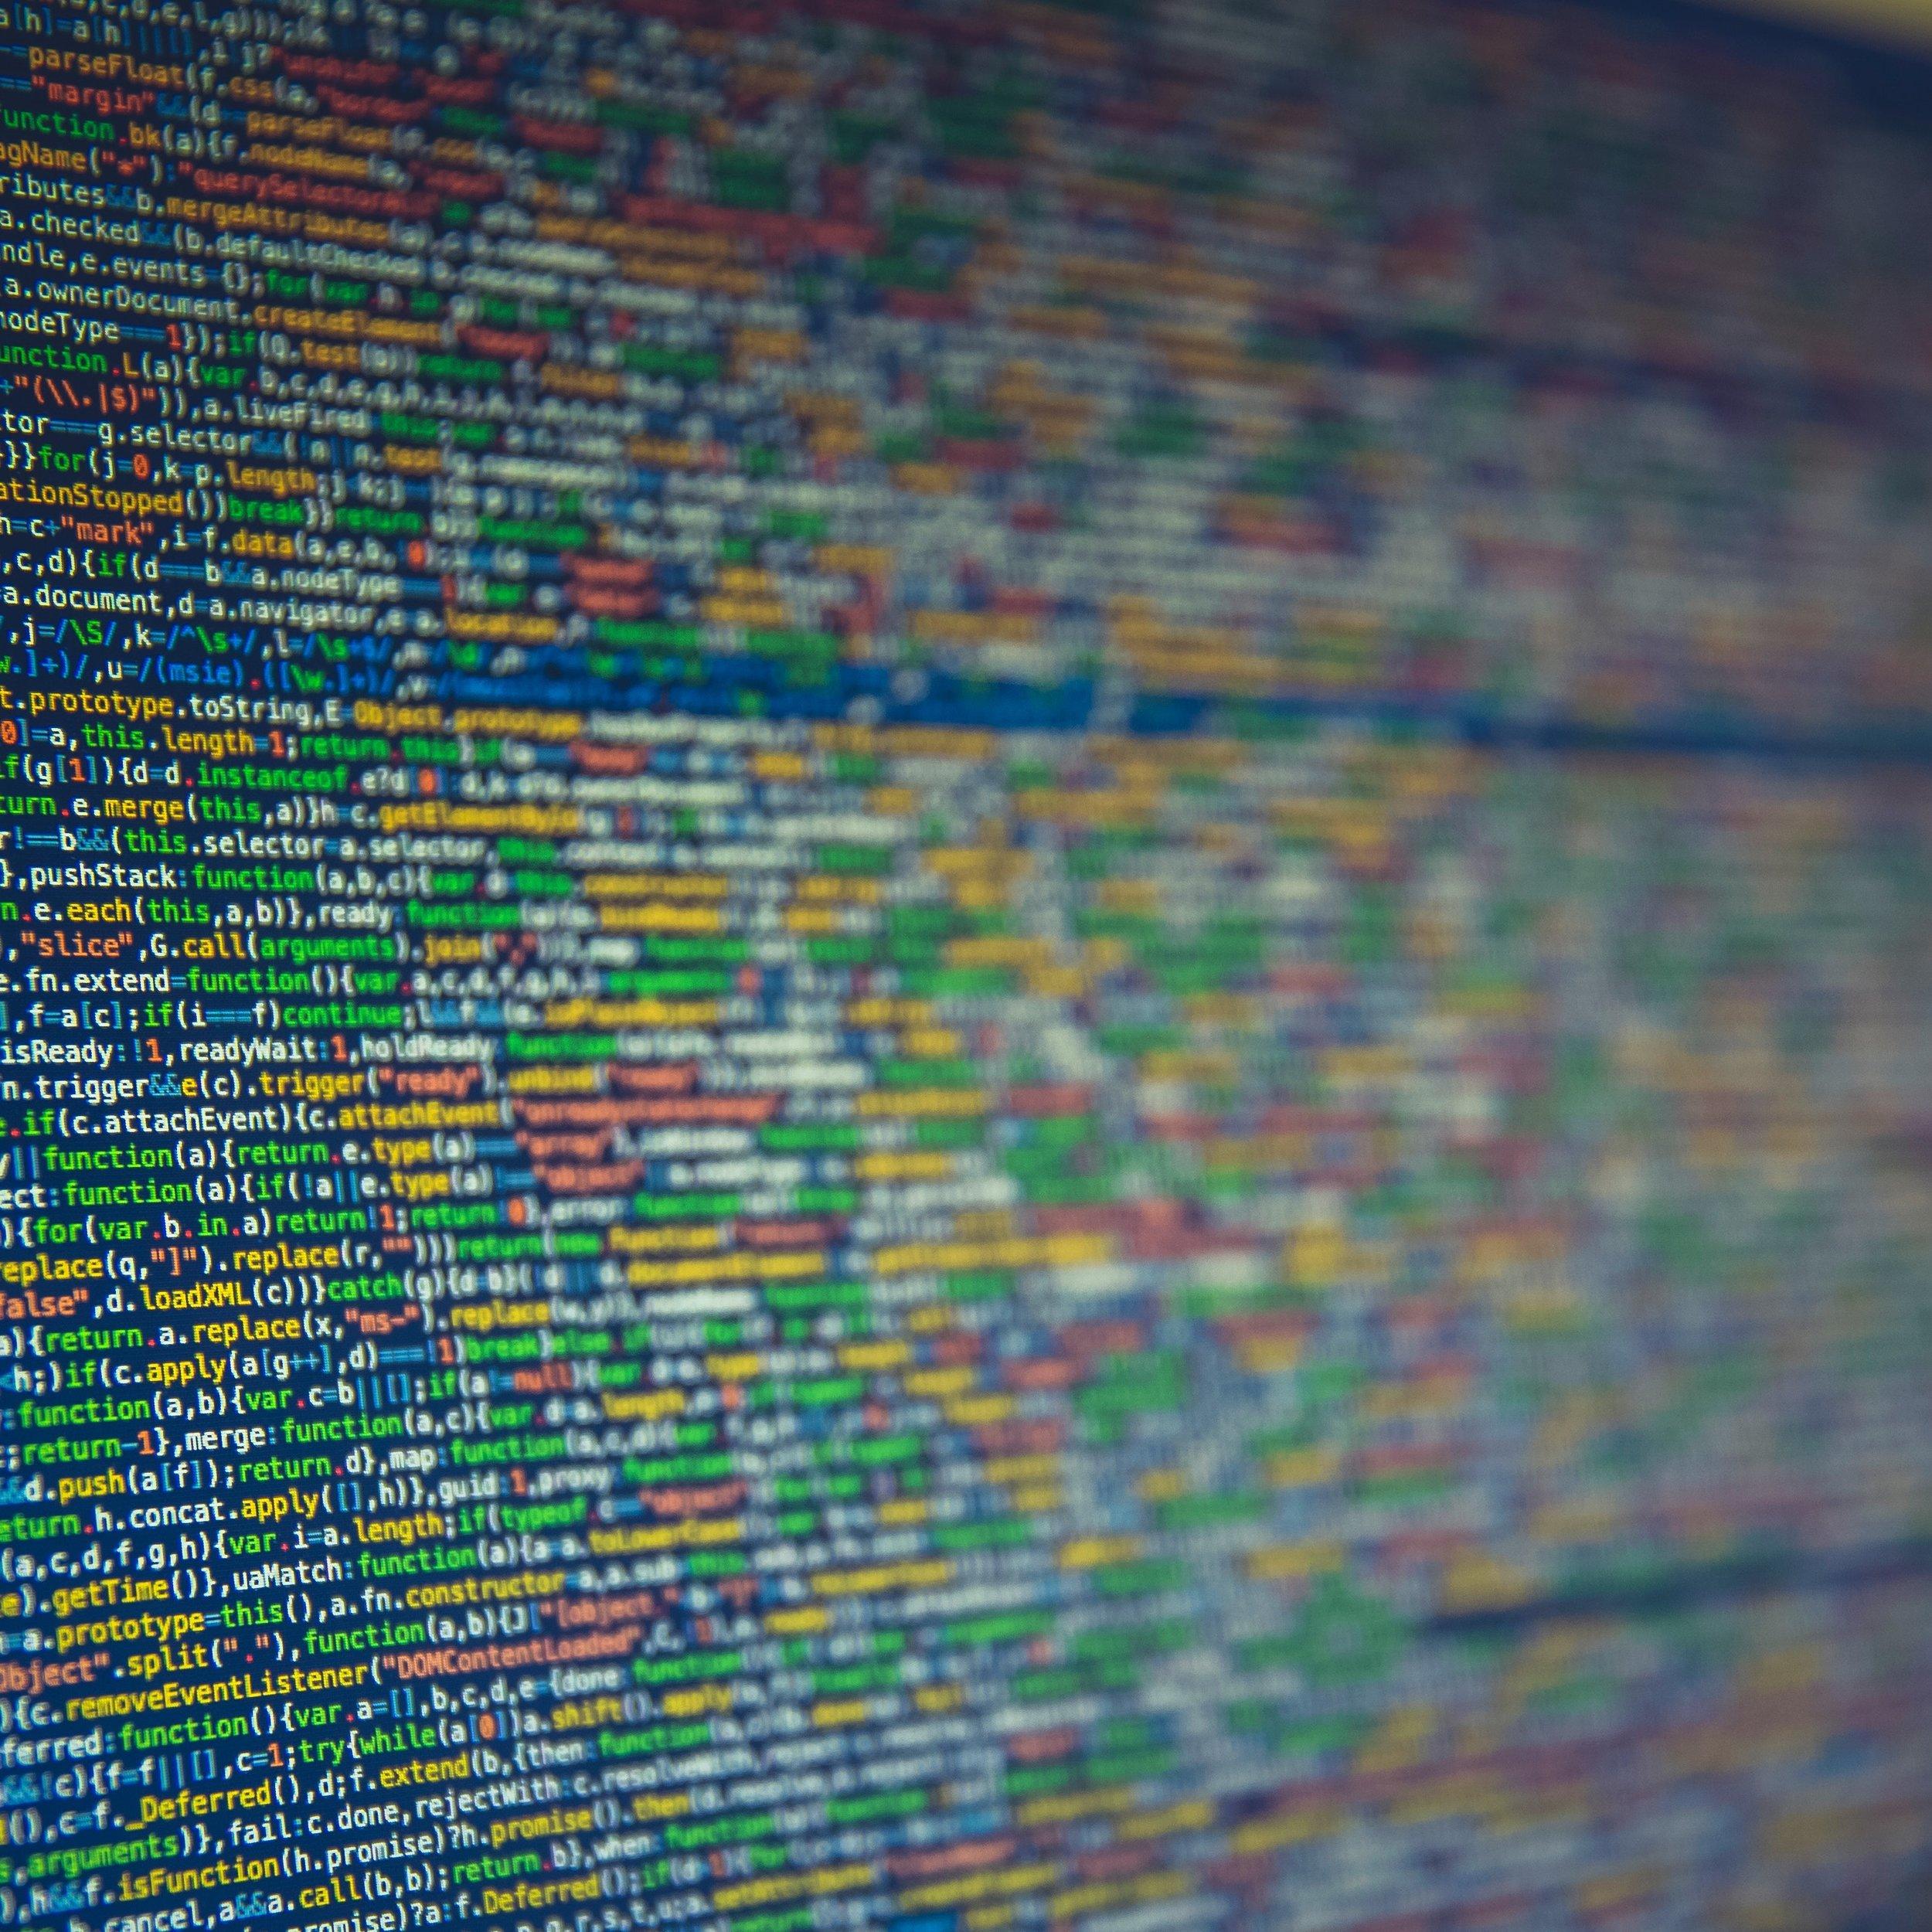 DATA & IP - Voor vragen over privacy, GDPR, intellectuele eigendomsrechten en IT-recht.